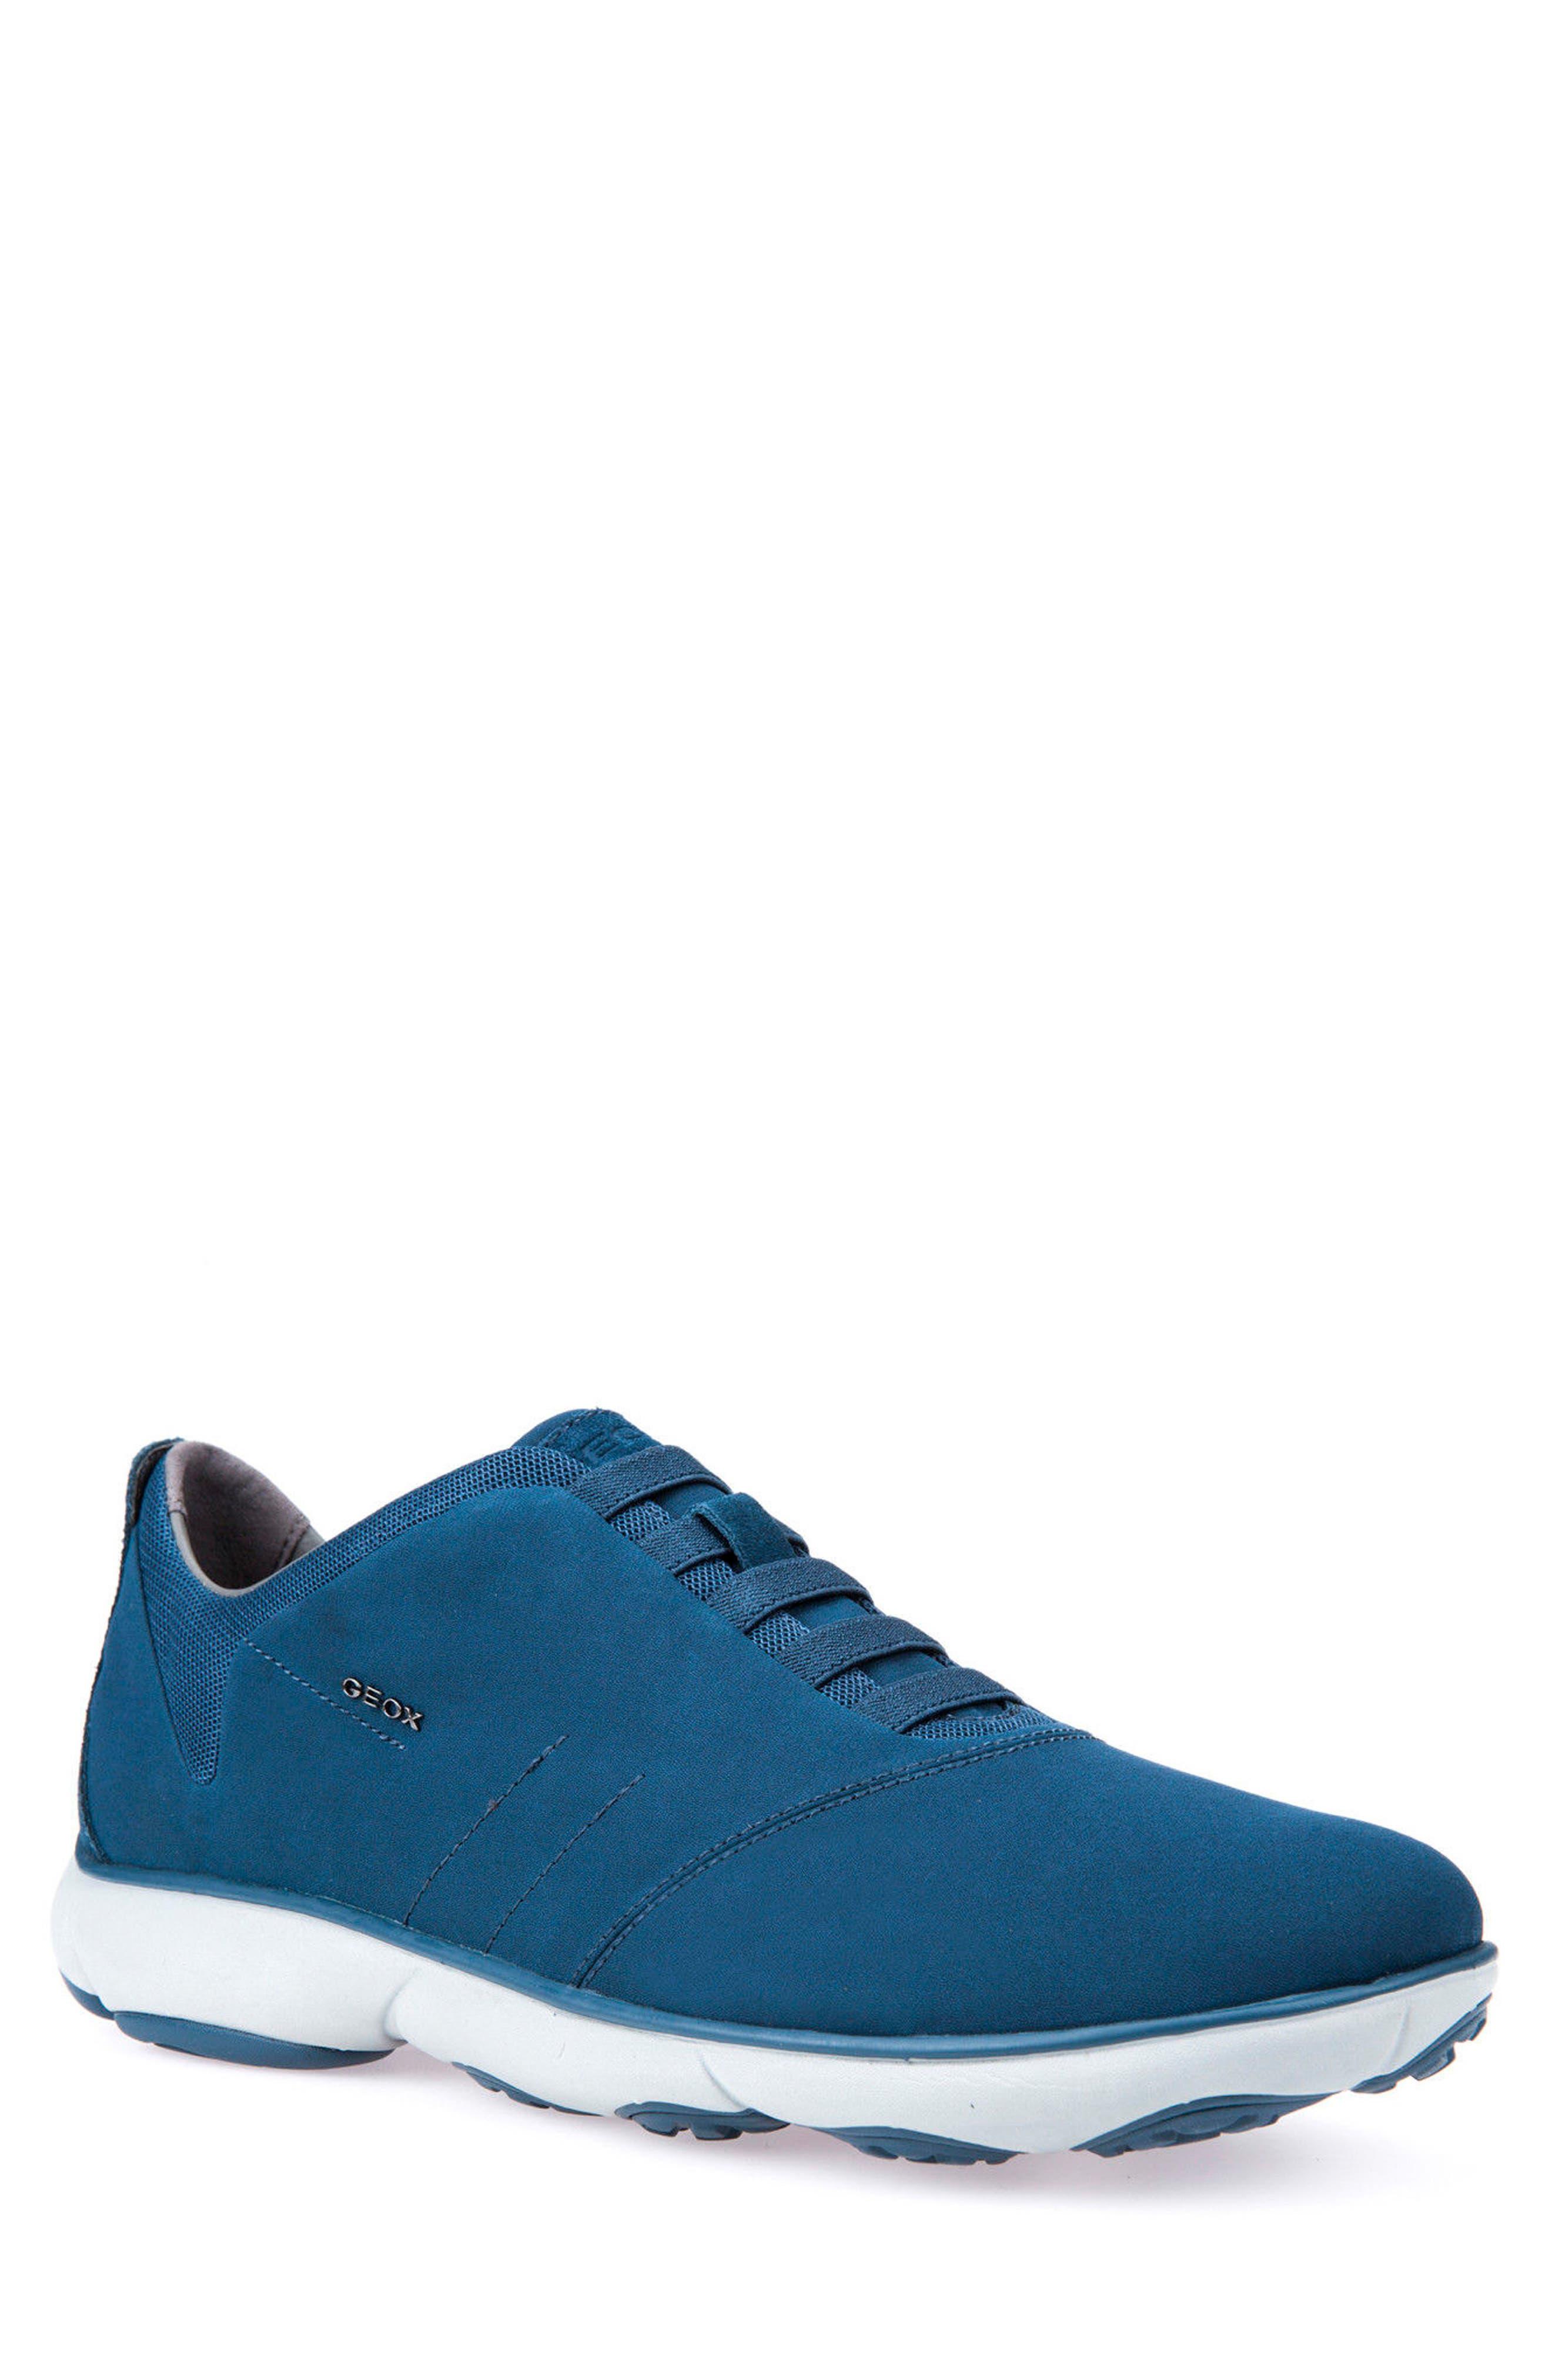 Geox Nebula 36 Slip-On Sneaker (Men)